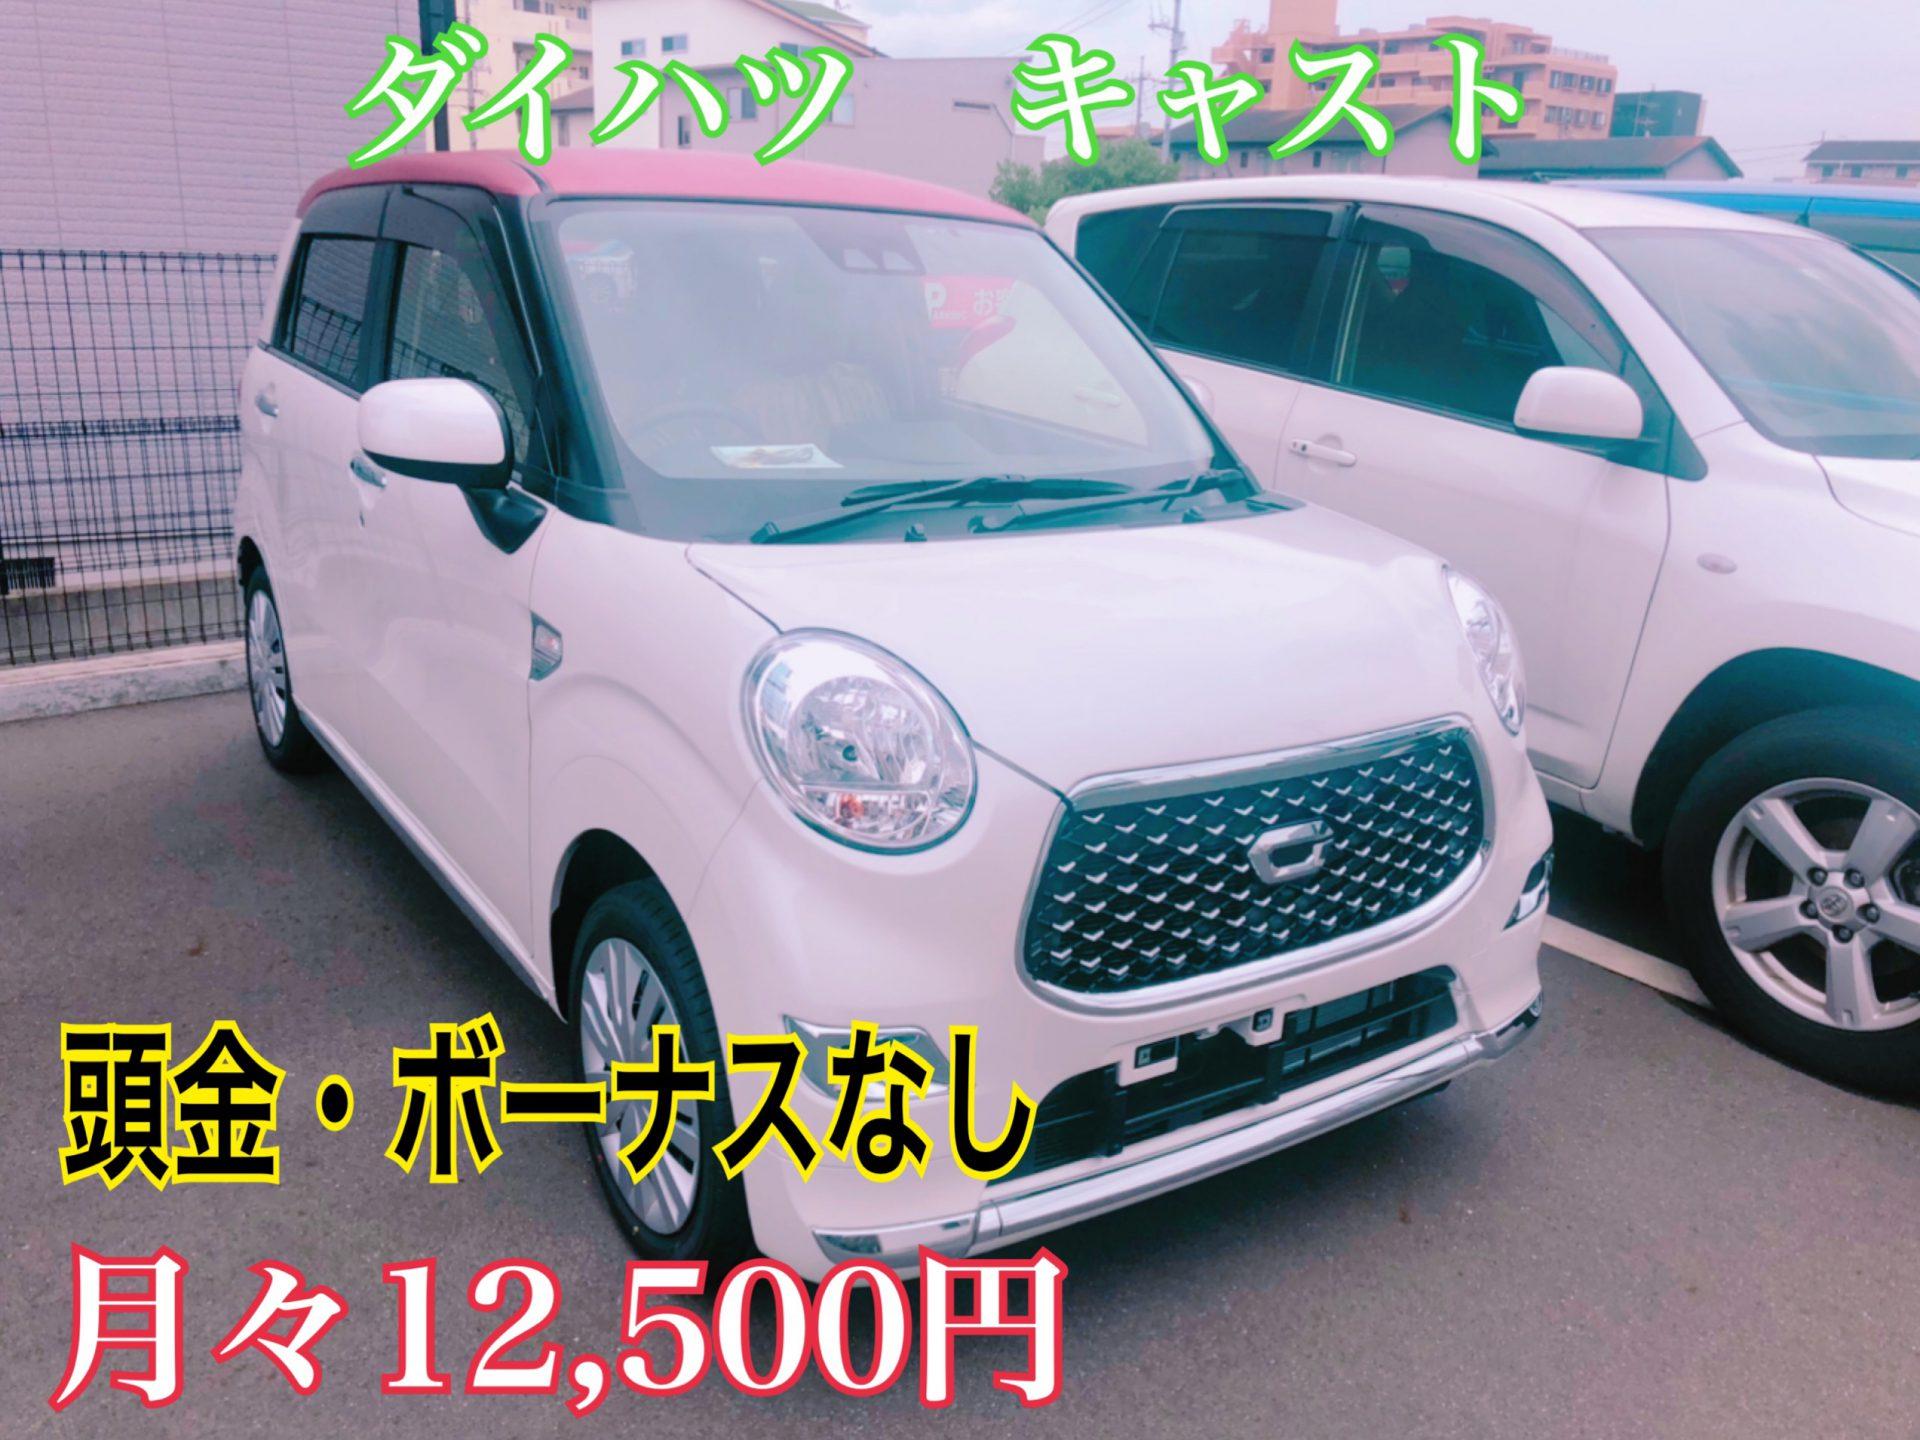 新車 キャスト 安い 岡山 倉敷 津山